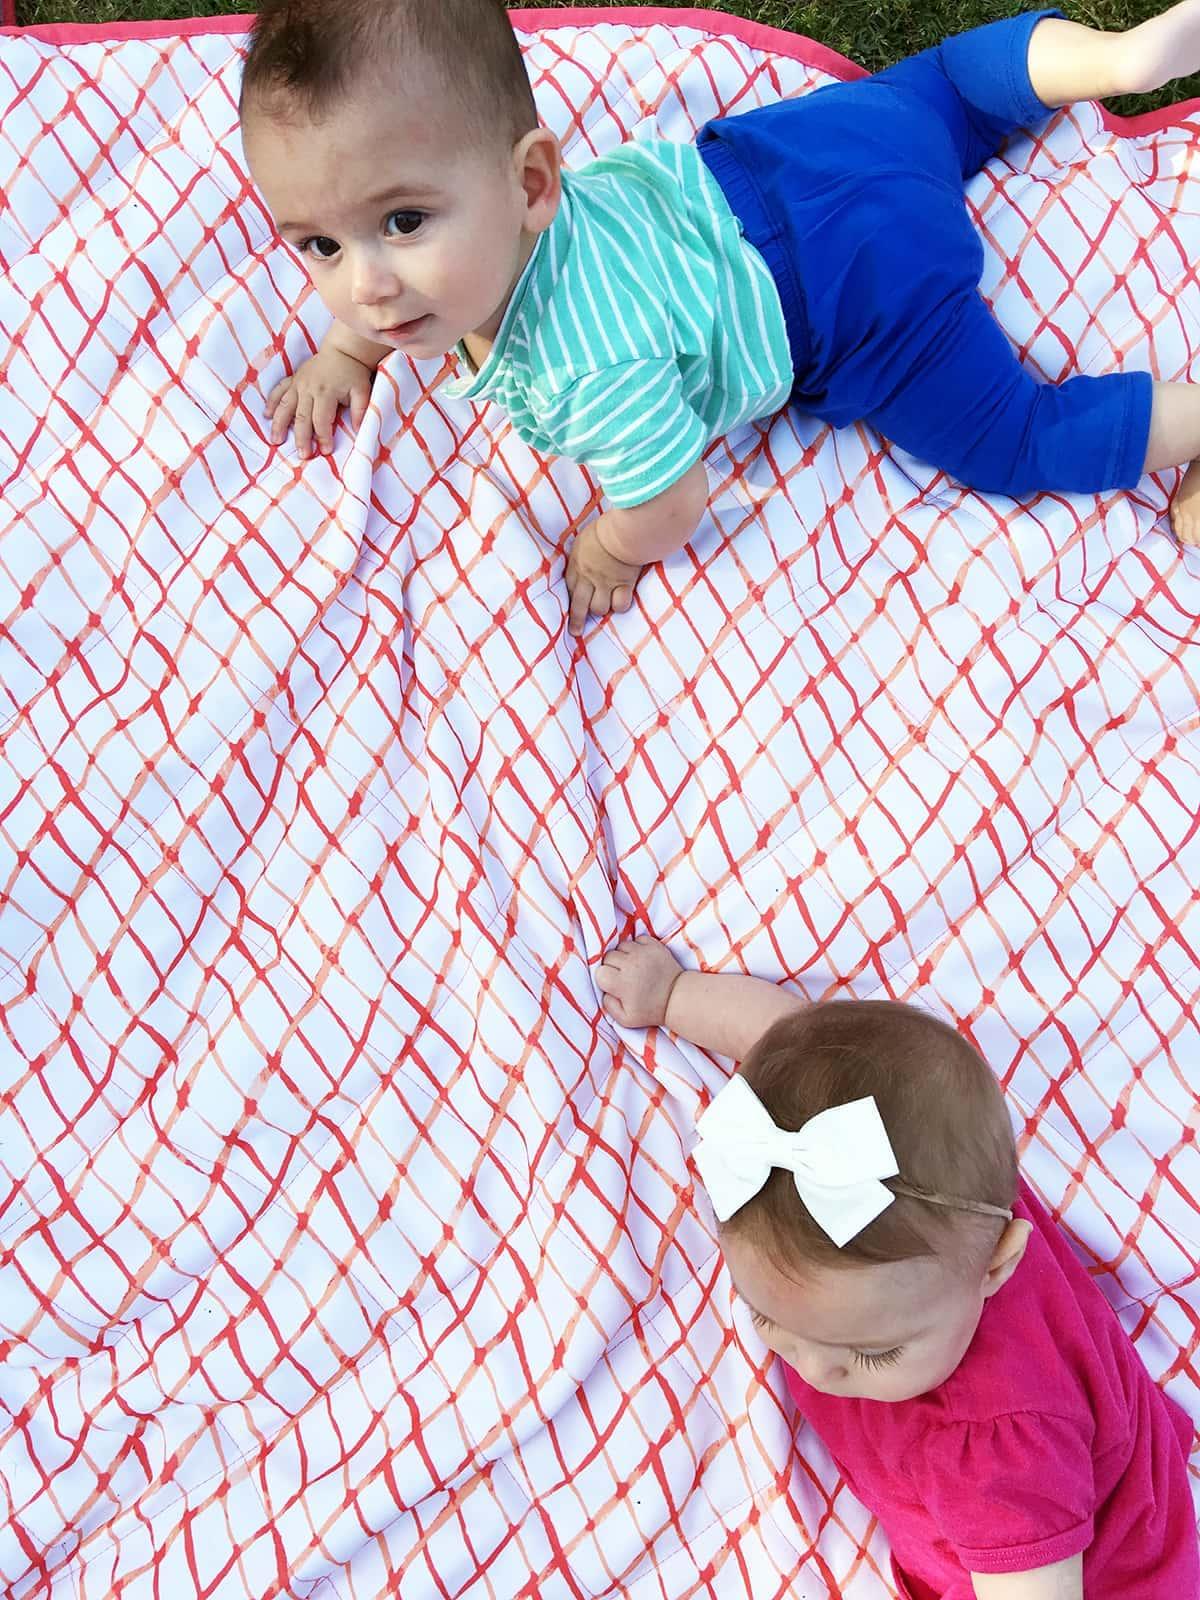 Farmer's Market Babies